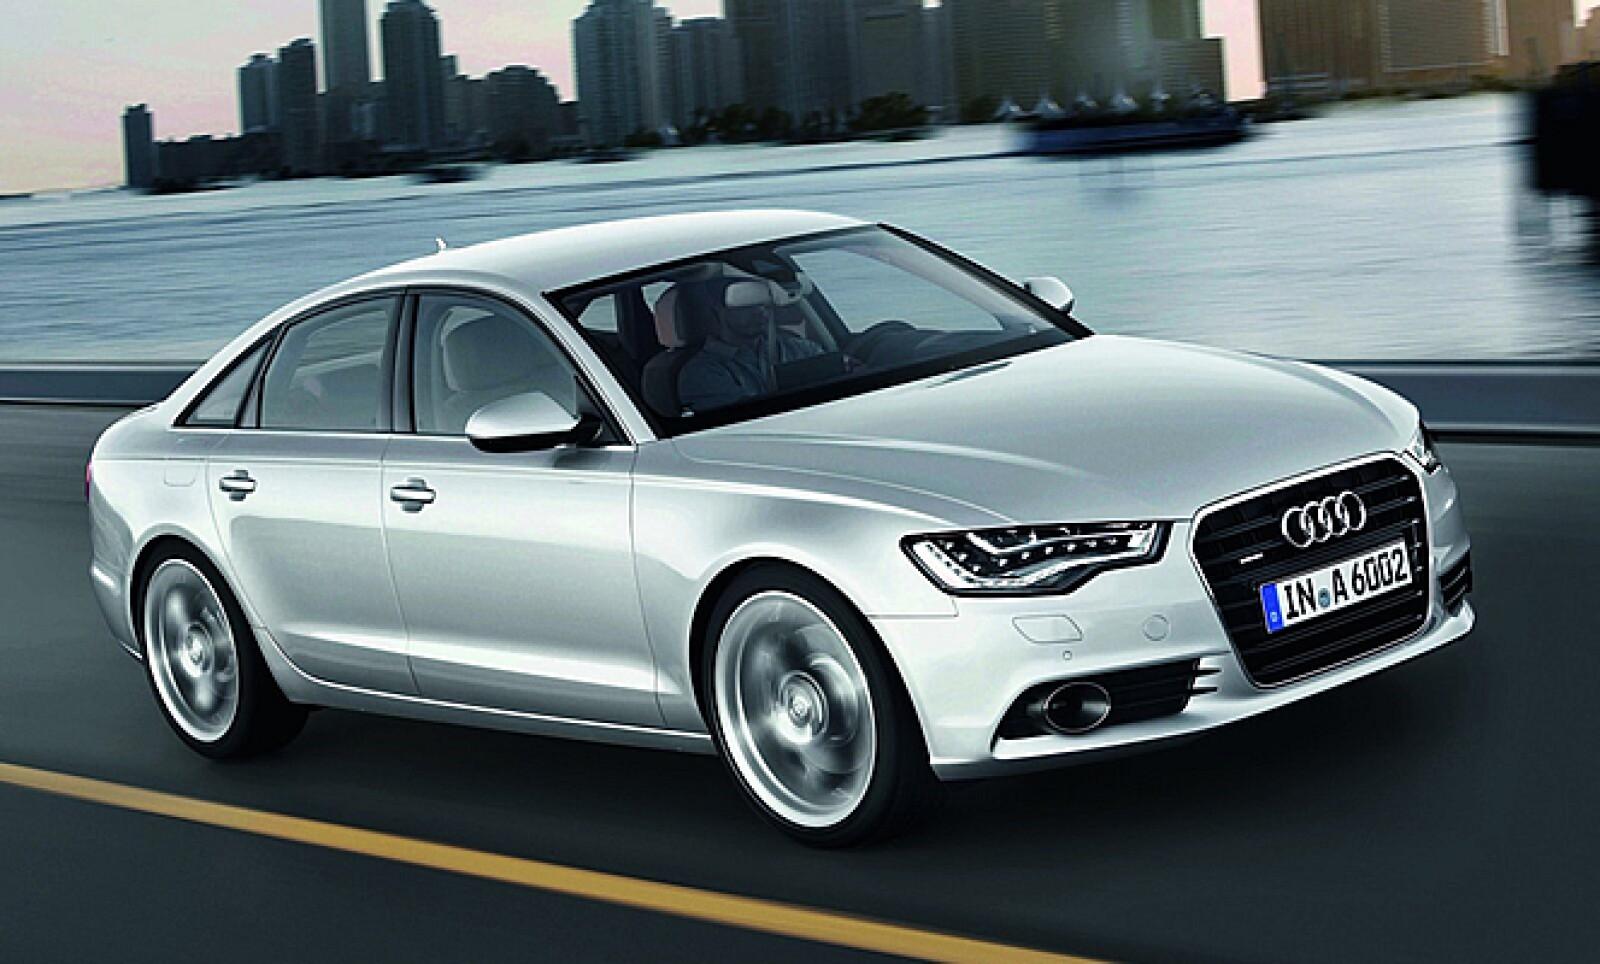 Audi presentó su nuevo modelo A6 a la venta desde el primer trimestre de 2011, que enfrentará a los renovados BMW Serie 5 y Mercedes-Benz Clase E.